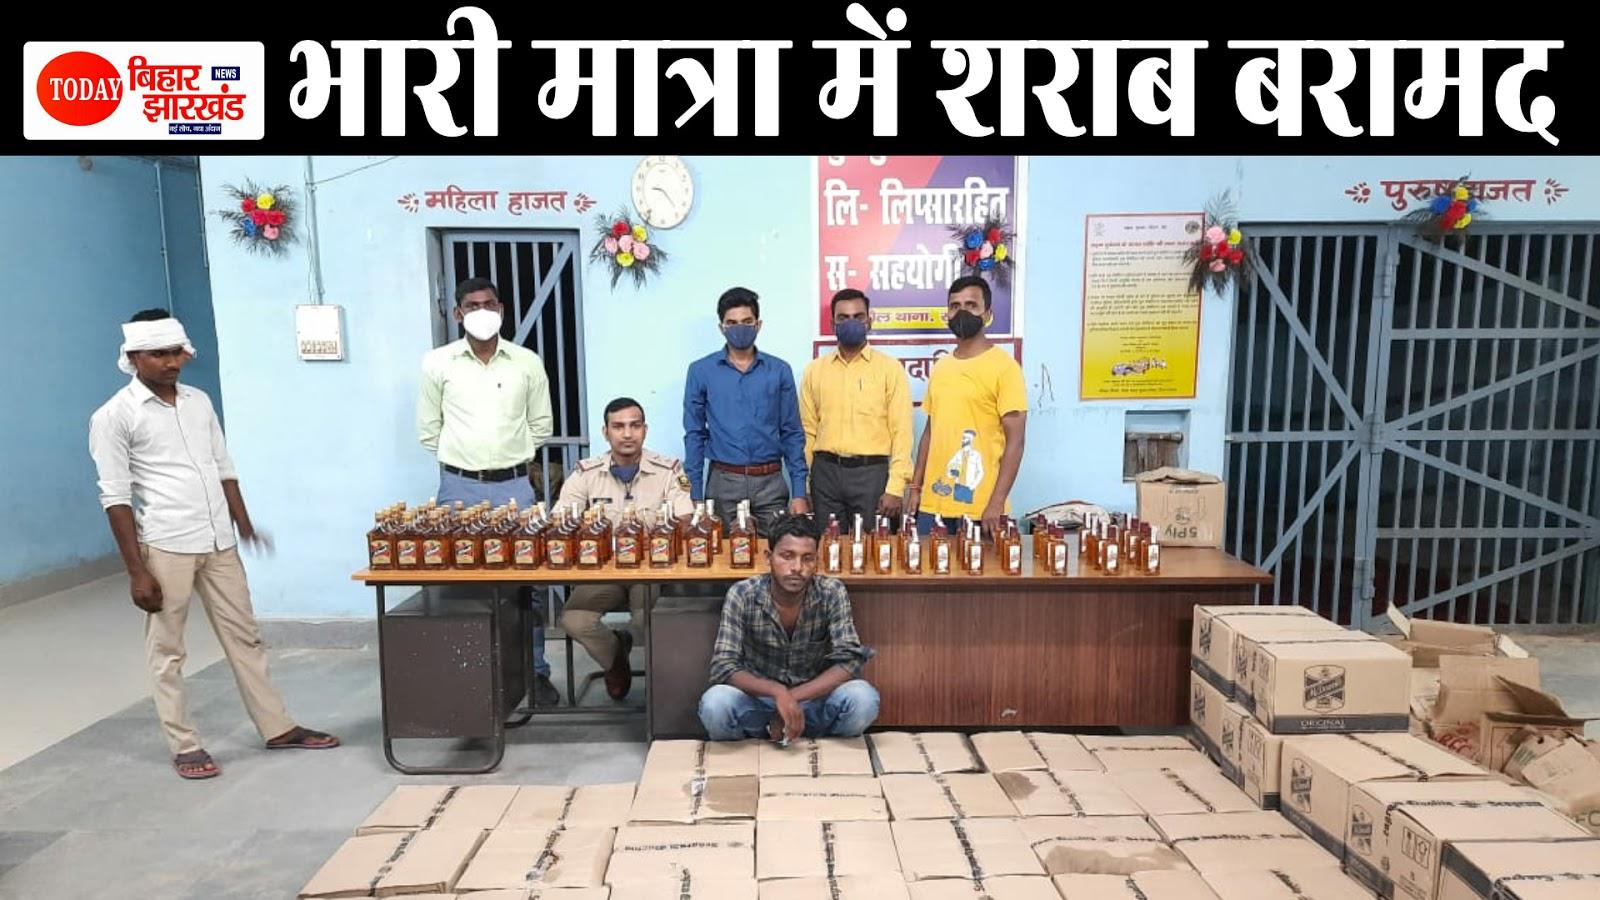 वाहन जाँच के दौरान भारी मात्रा में शराब बरामद, एक गिरफ्तार